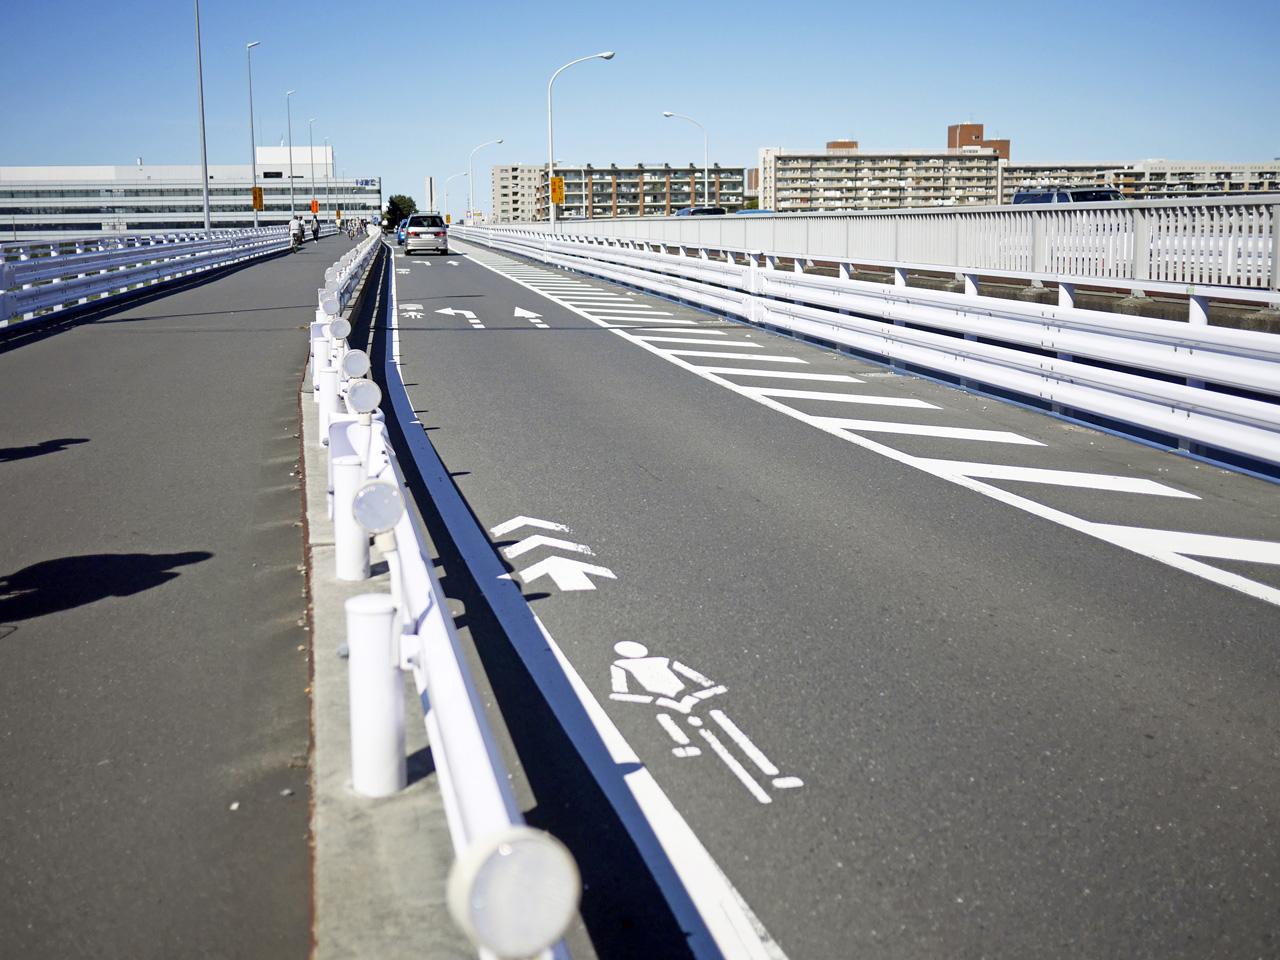 関戸橋で多摩川を渡河して北上